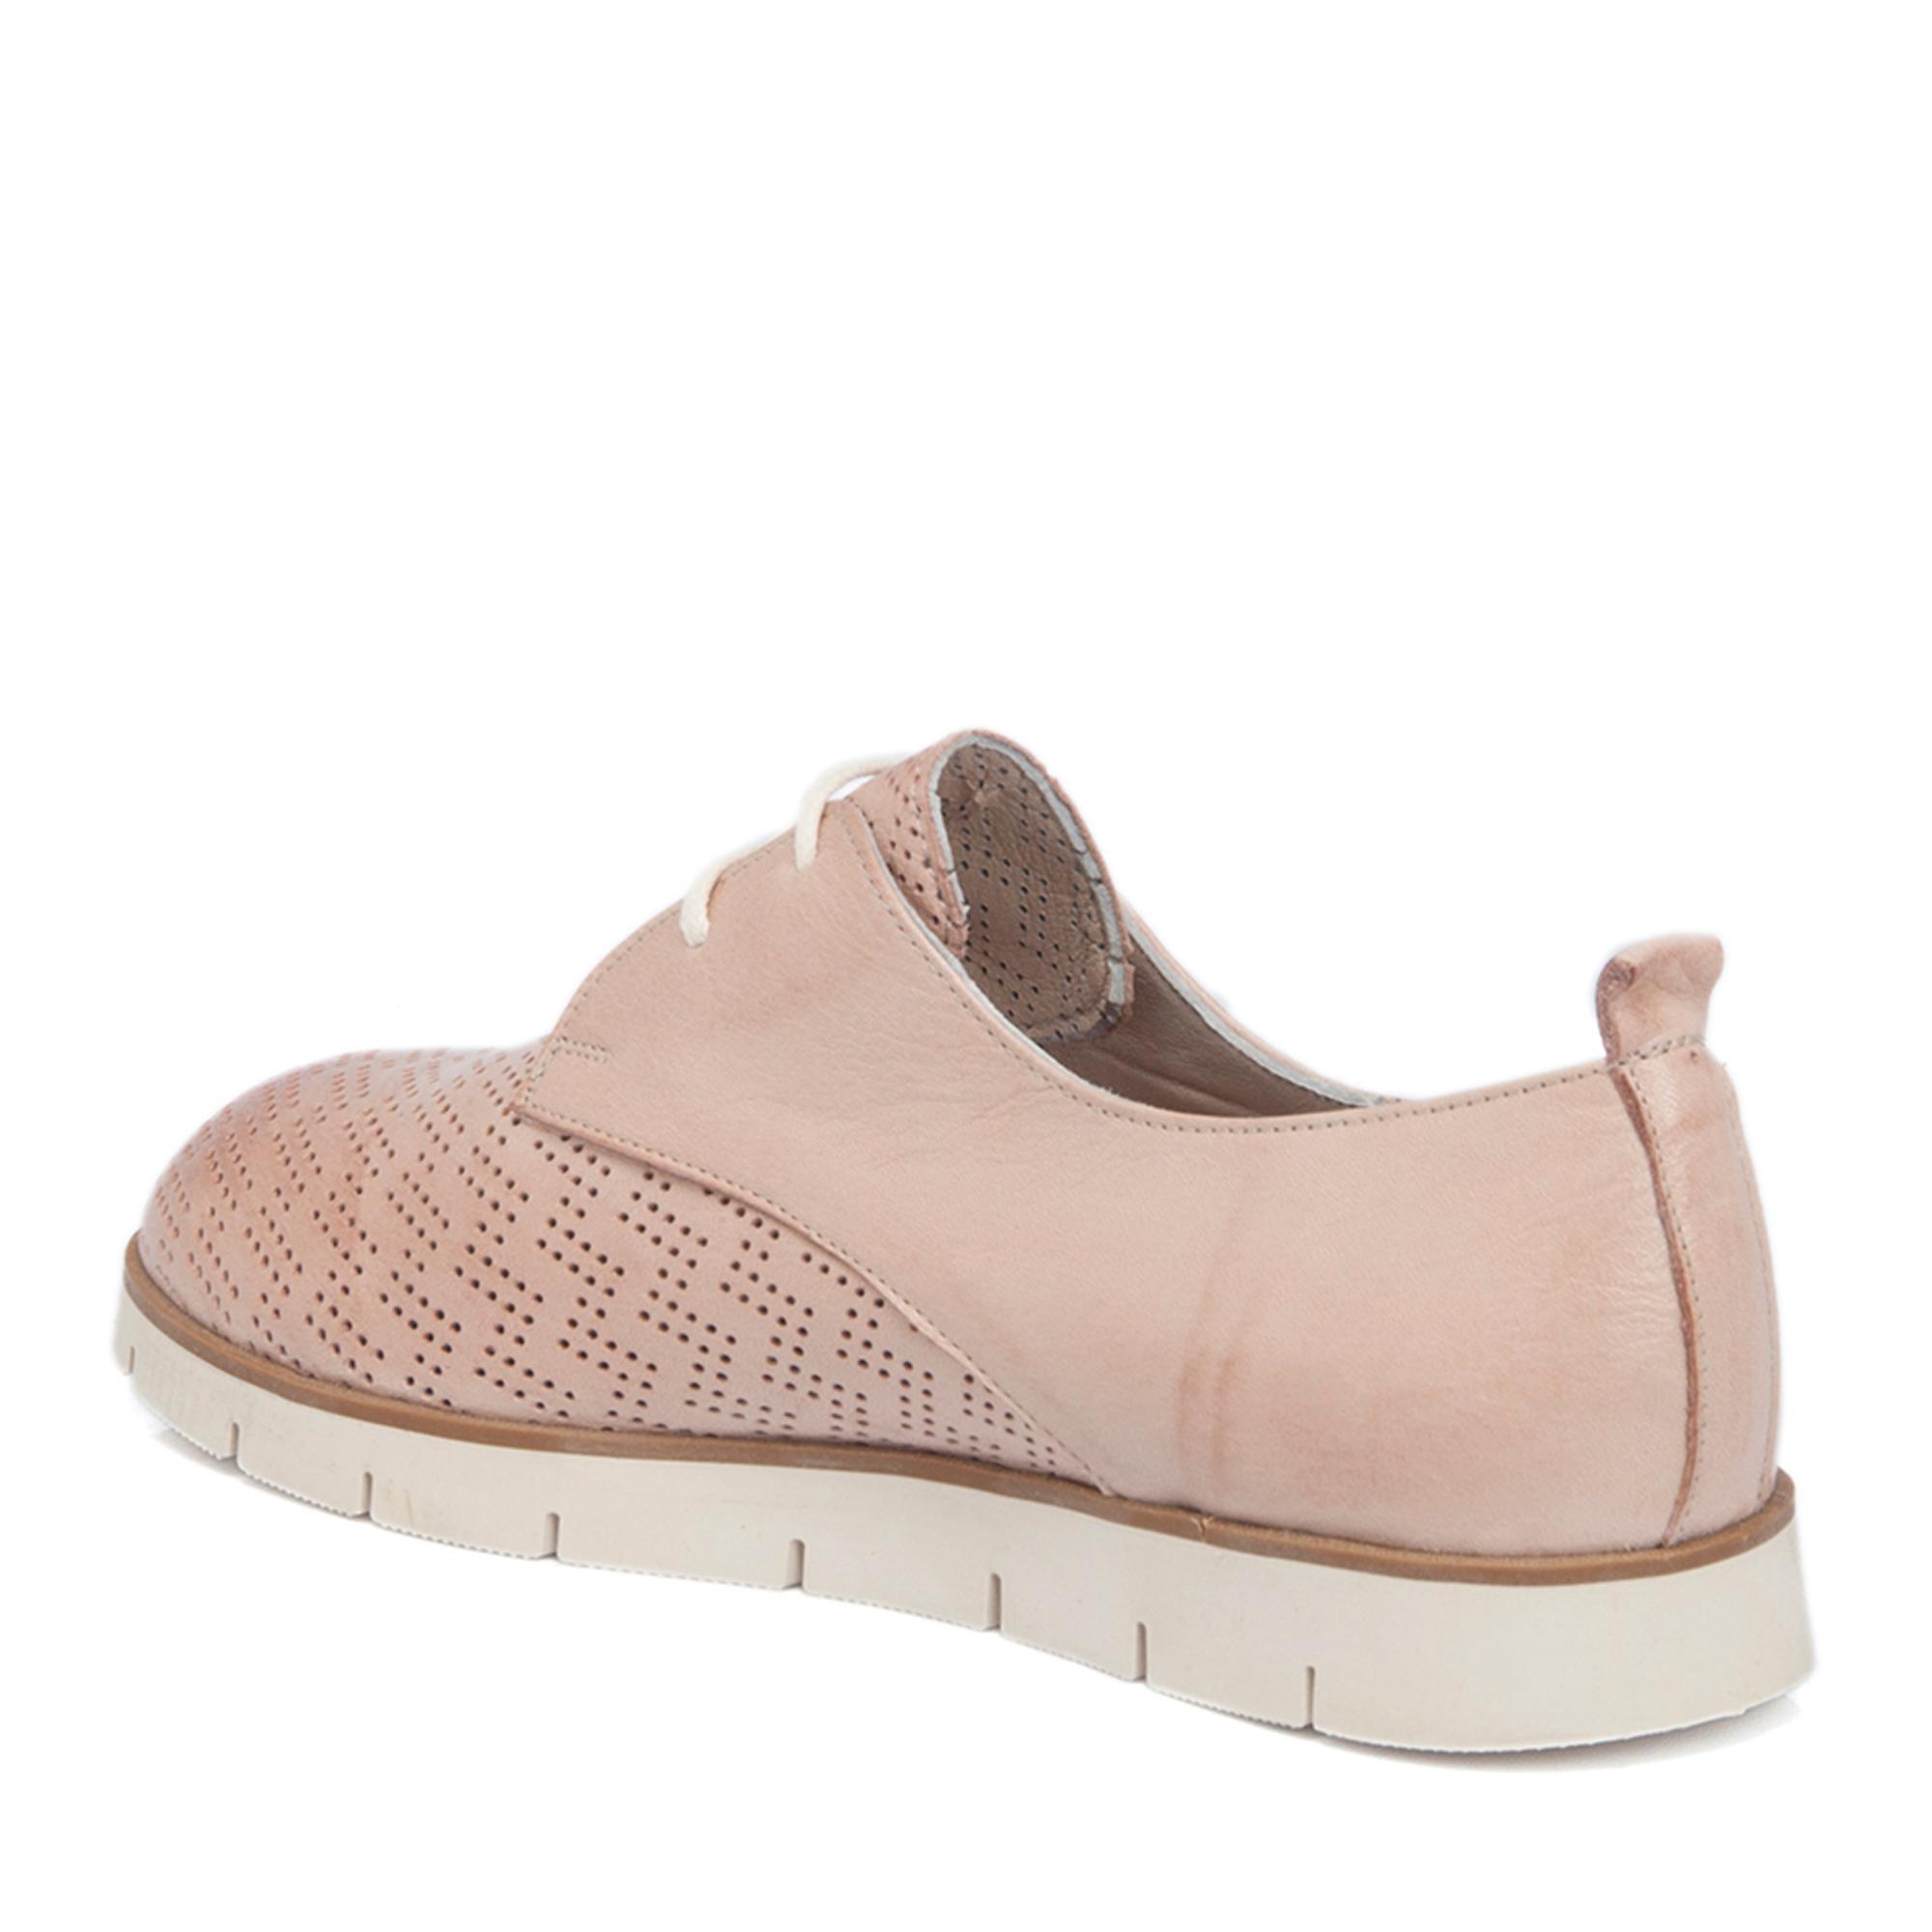 Pudra Deri Kadın Ayakkabı 64219A67